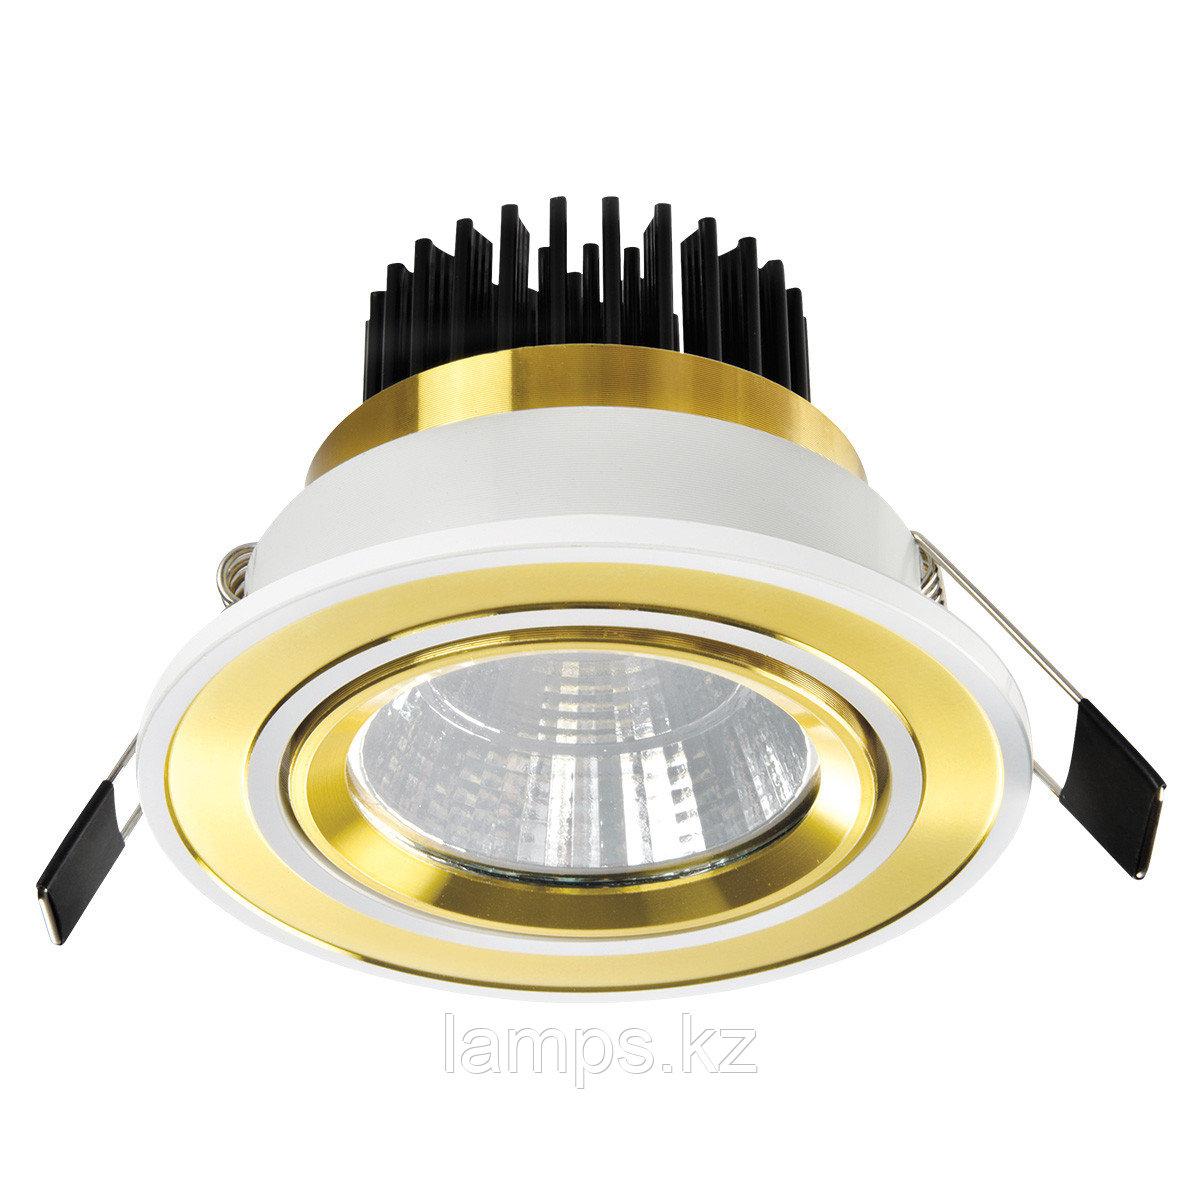 Спот встраиваемый светодиодный LED OC012 5W White Gold